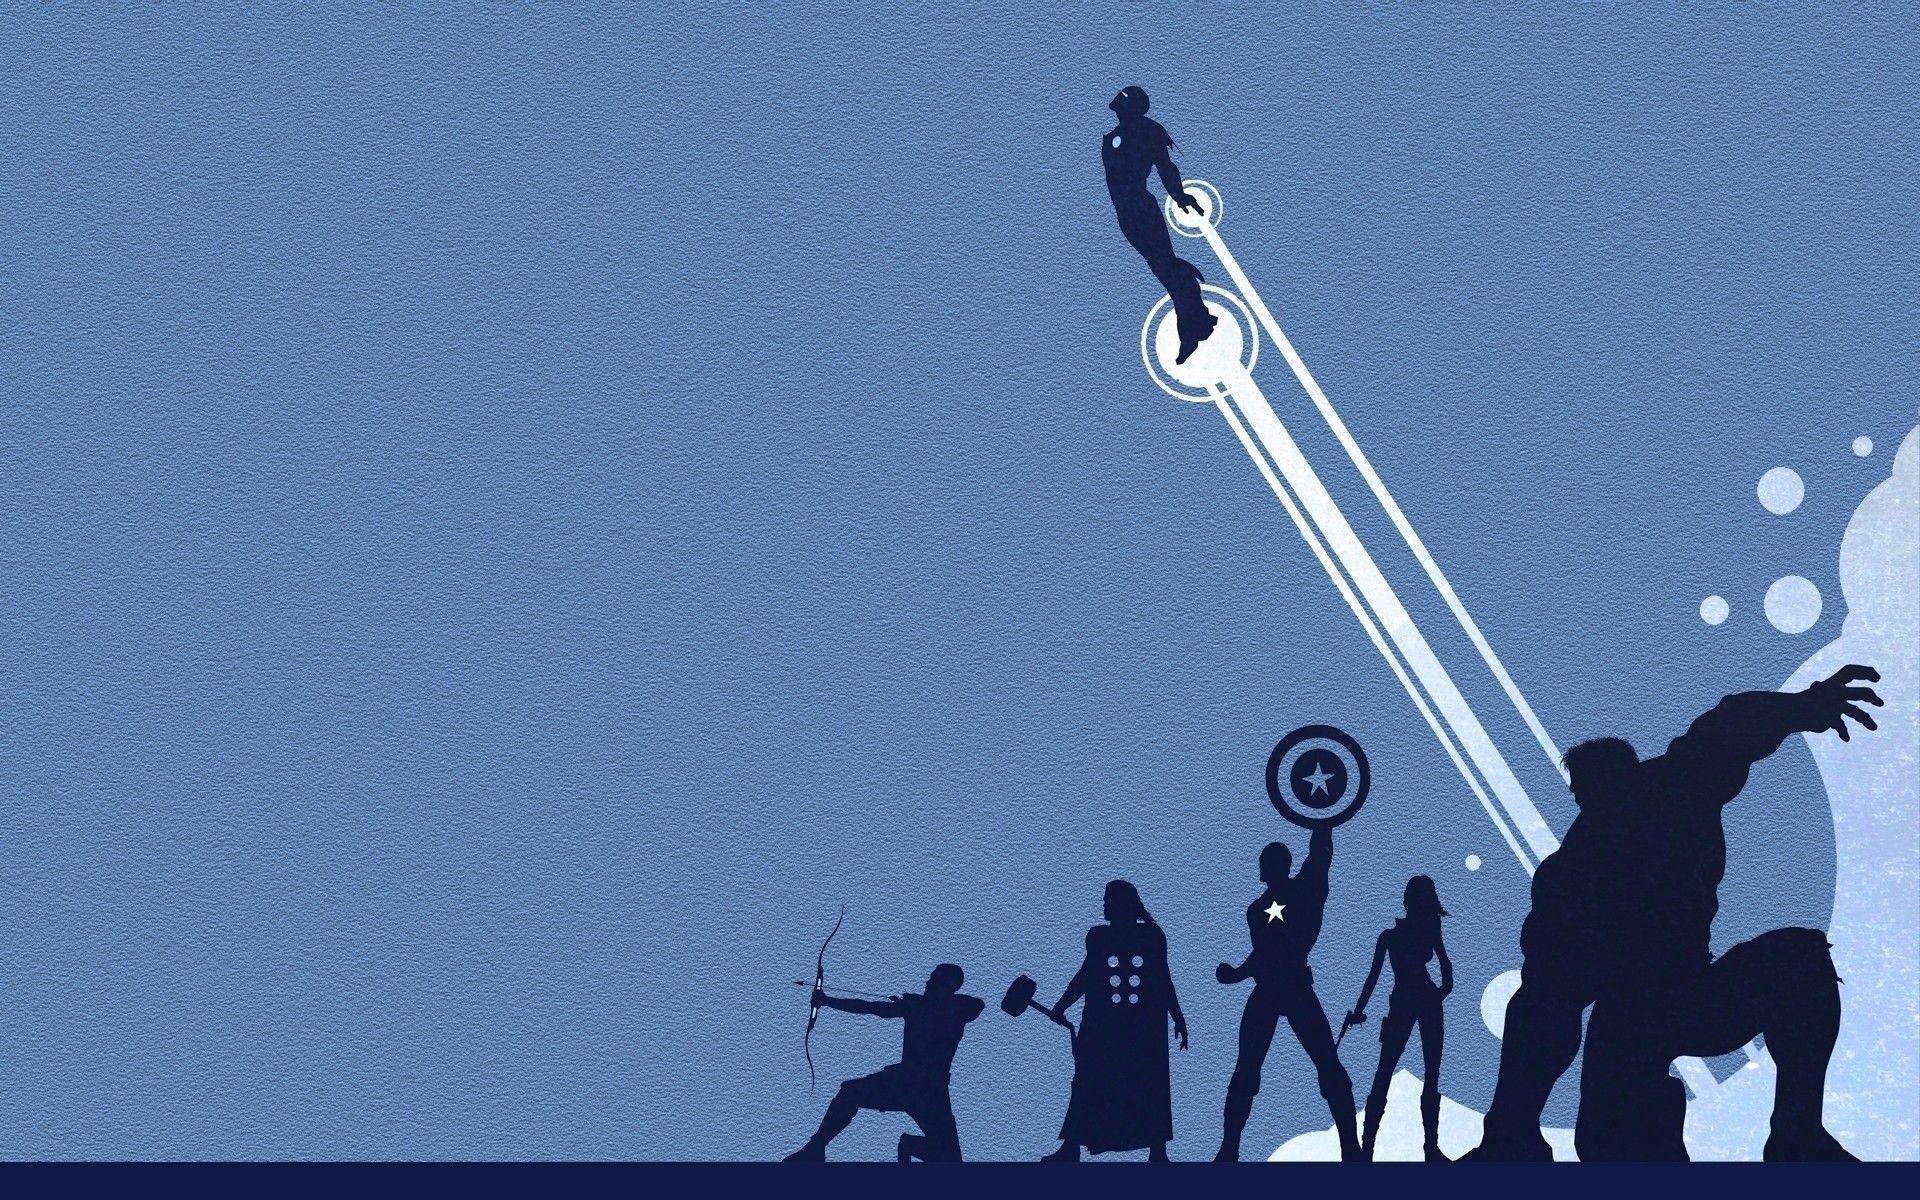 Wallpapers For > Avengers Logo Wallpaper